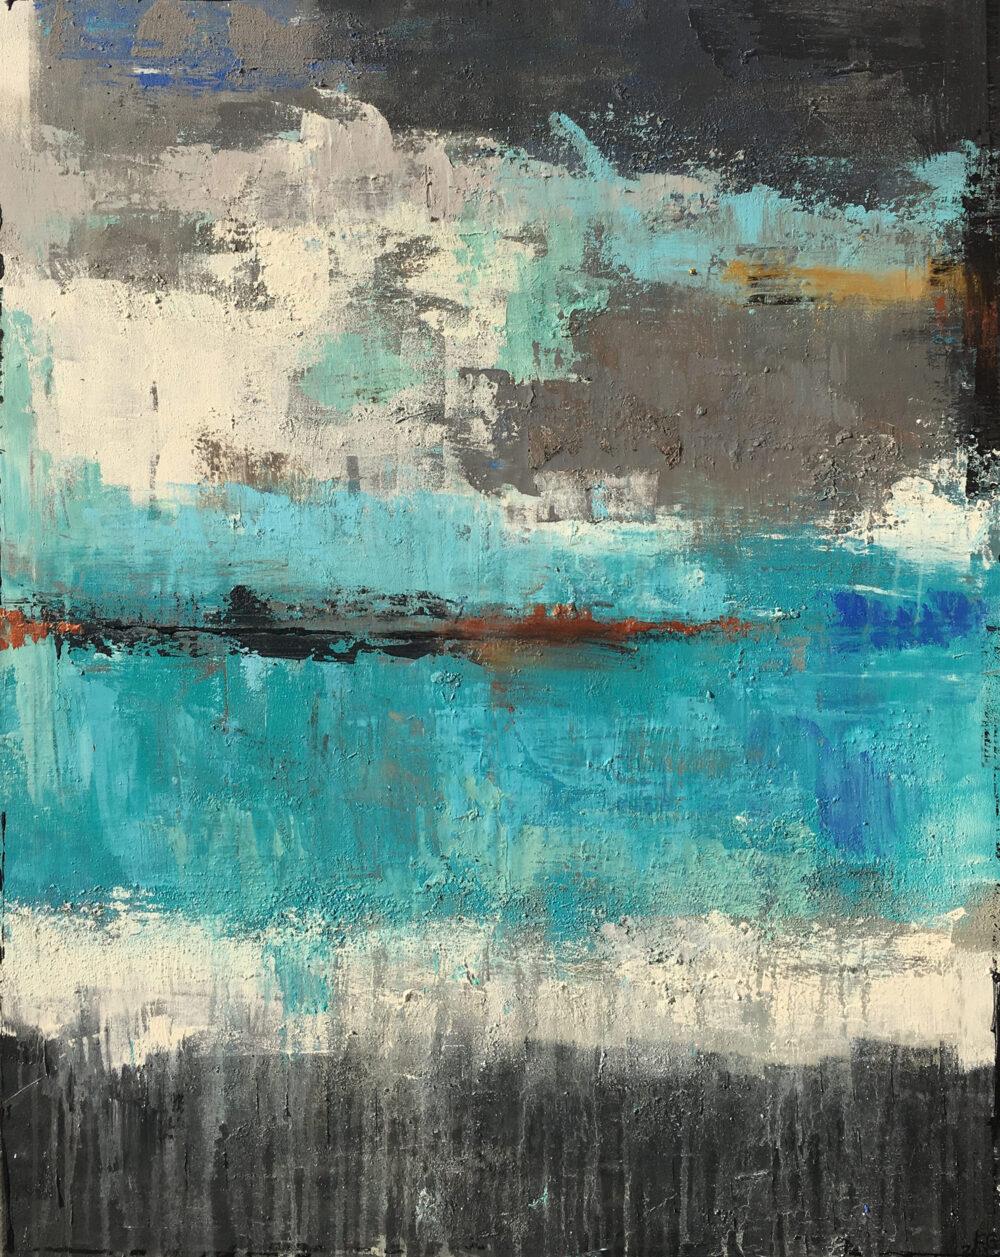 Das abstrakte Gemälde Meeresleuchten zeigt einen wolkenverhangenen Himmel über dem blauen Ozean